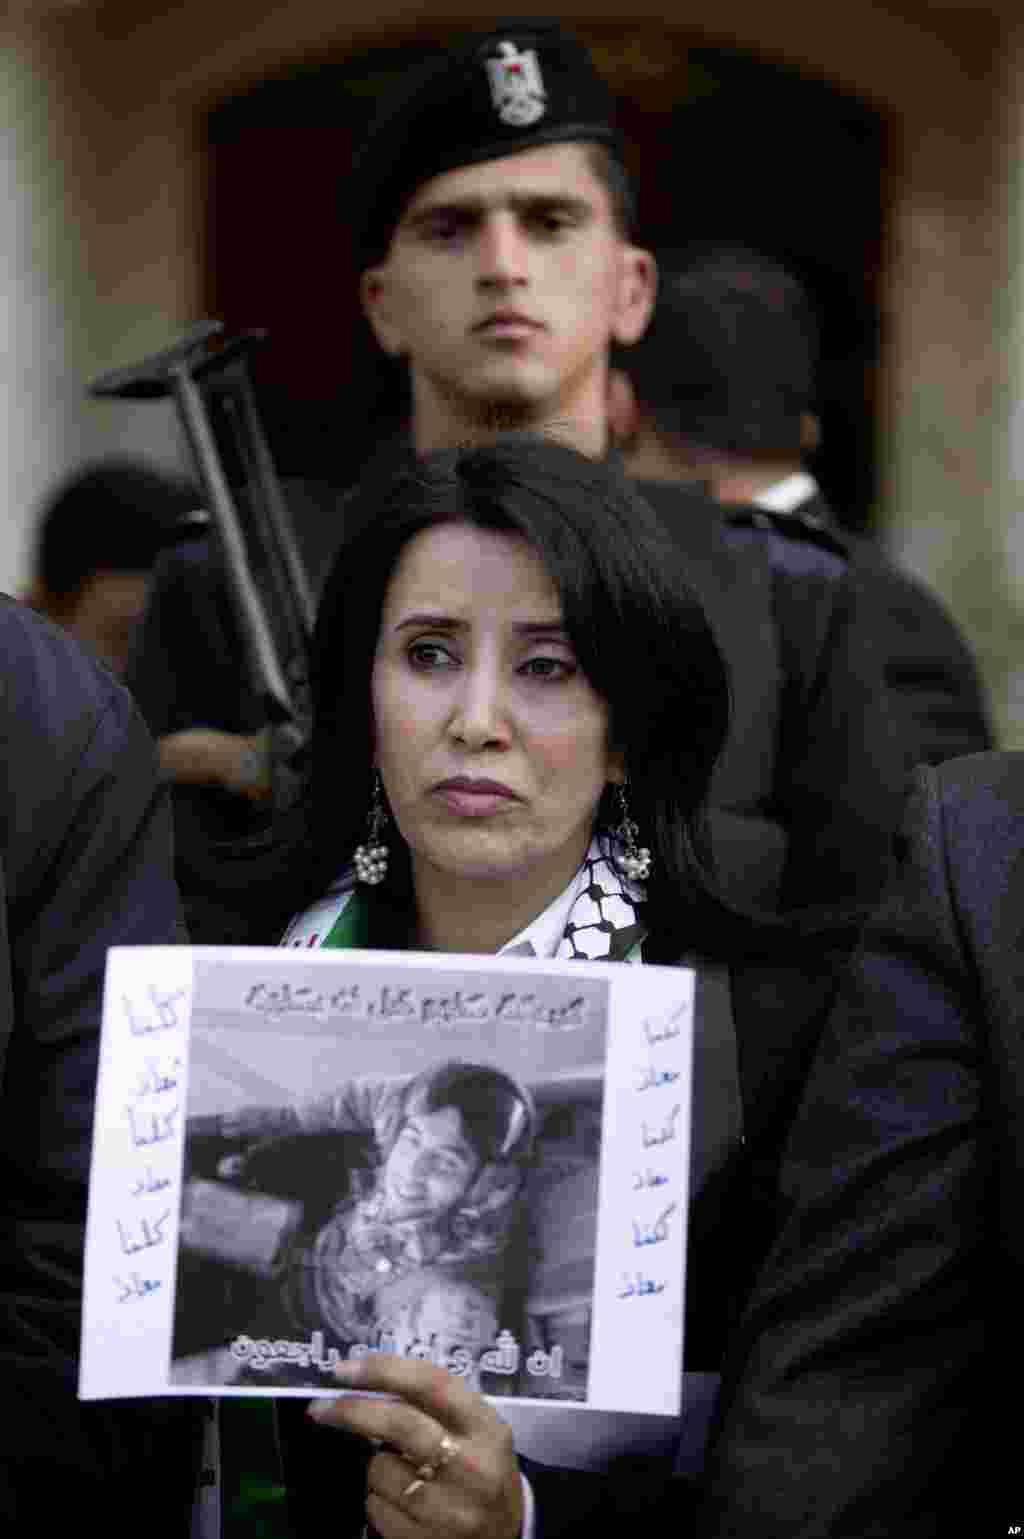 زن فلسطینی در جریان اعتراض در مقابل سفارت اردن، در رام الله در کرانه غربی پوستری با عکس ستوان معاذالکساسبه، خلبان مقتول اردنی، بدست دارد -- ۱۵ بهمن ۱۳۹۳ (۴ فوريه ۲۰۱۵)